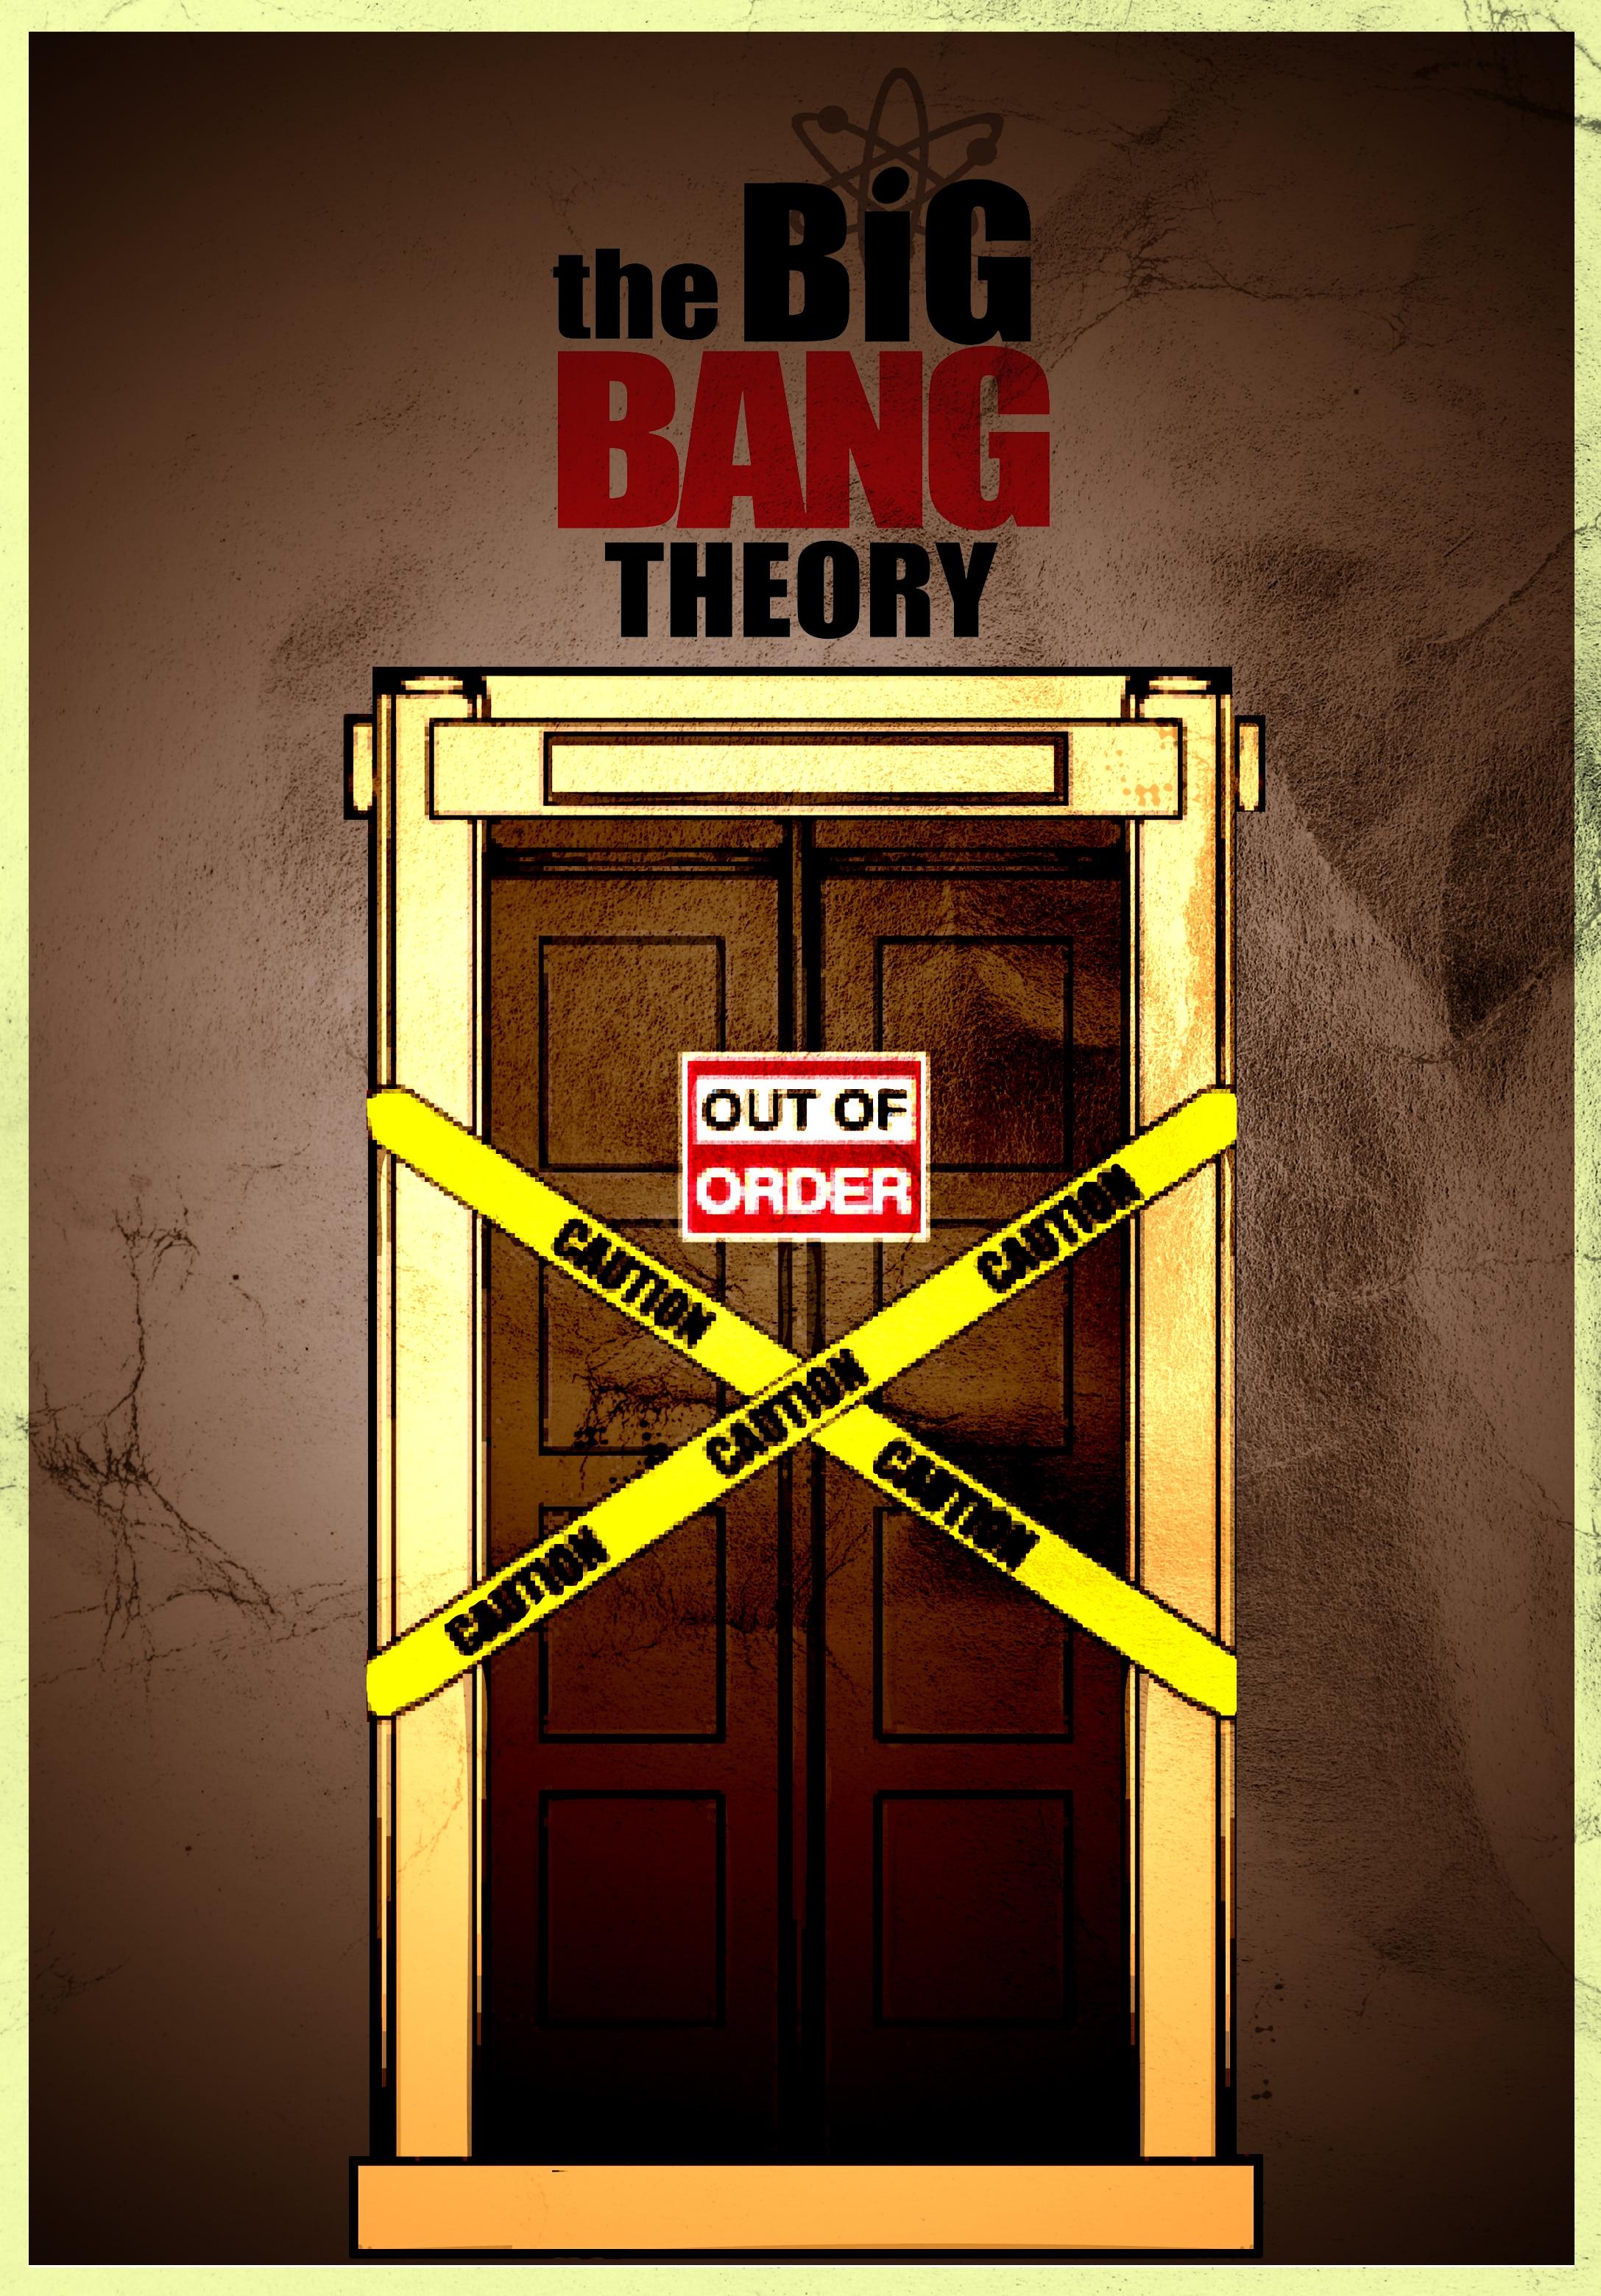 Big bang theory broken elevator poster